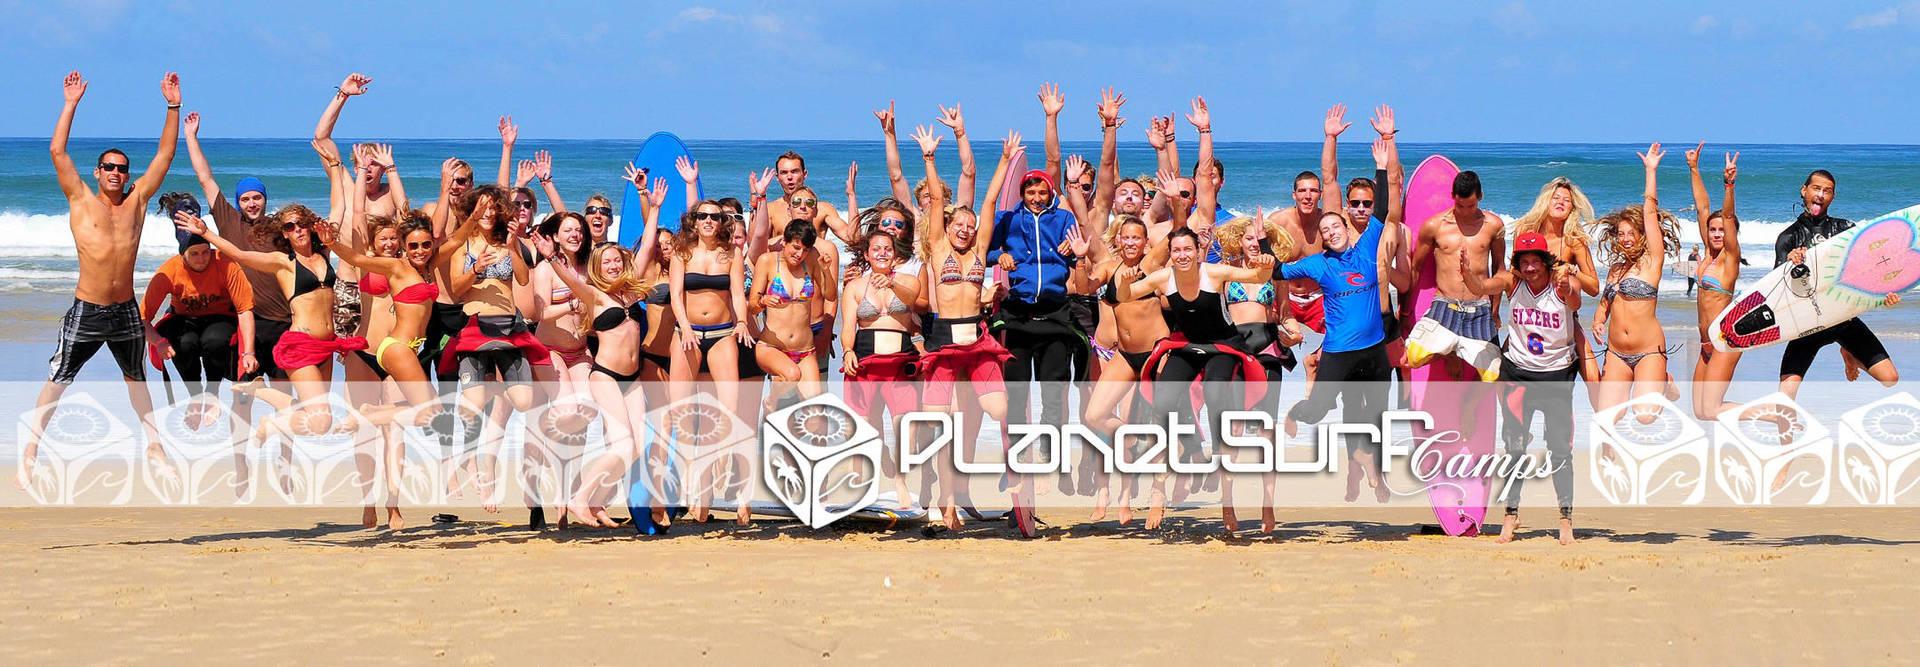 Planet Surfcamps